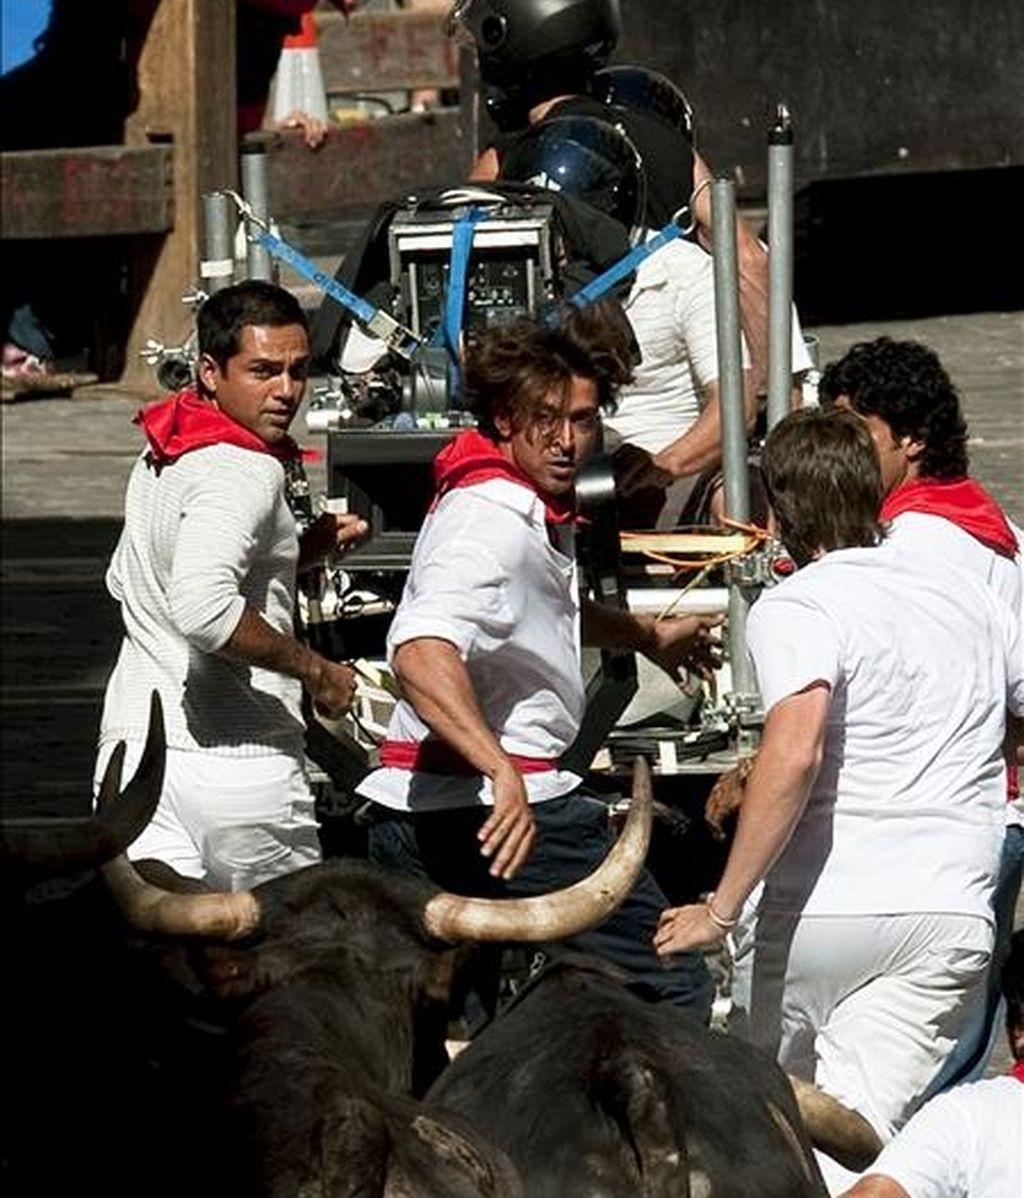 """Los tres protagonistas corren delante de los astados durante la recreación de los encierros de los sanfermines en el rodaje en Pamplona de la película india """"Zindagi milegi da dobara"""" (""""Solo se vive una vez""""), del director Zoya Akhtar, primer largometraje de la industria de Bollywood que se filma en España. EFE"""